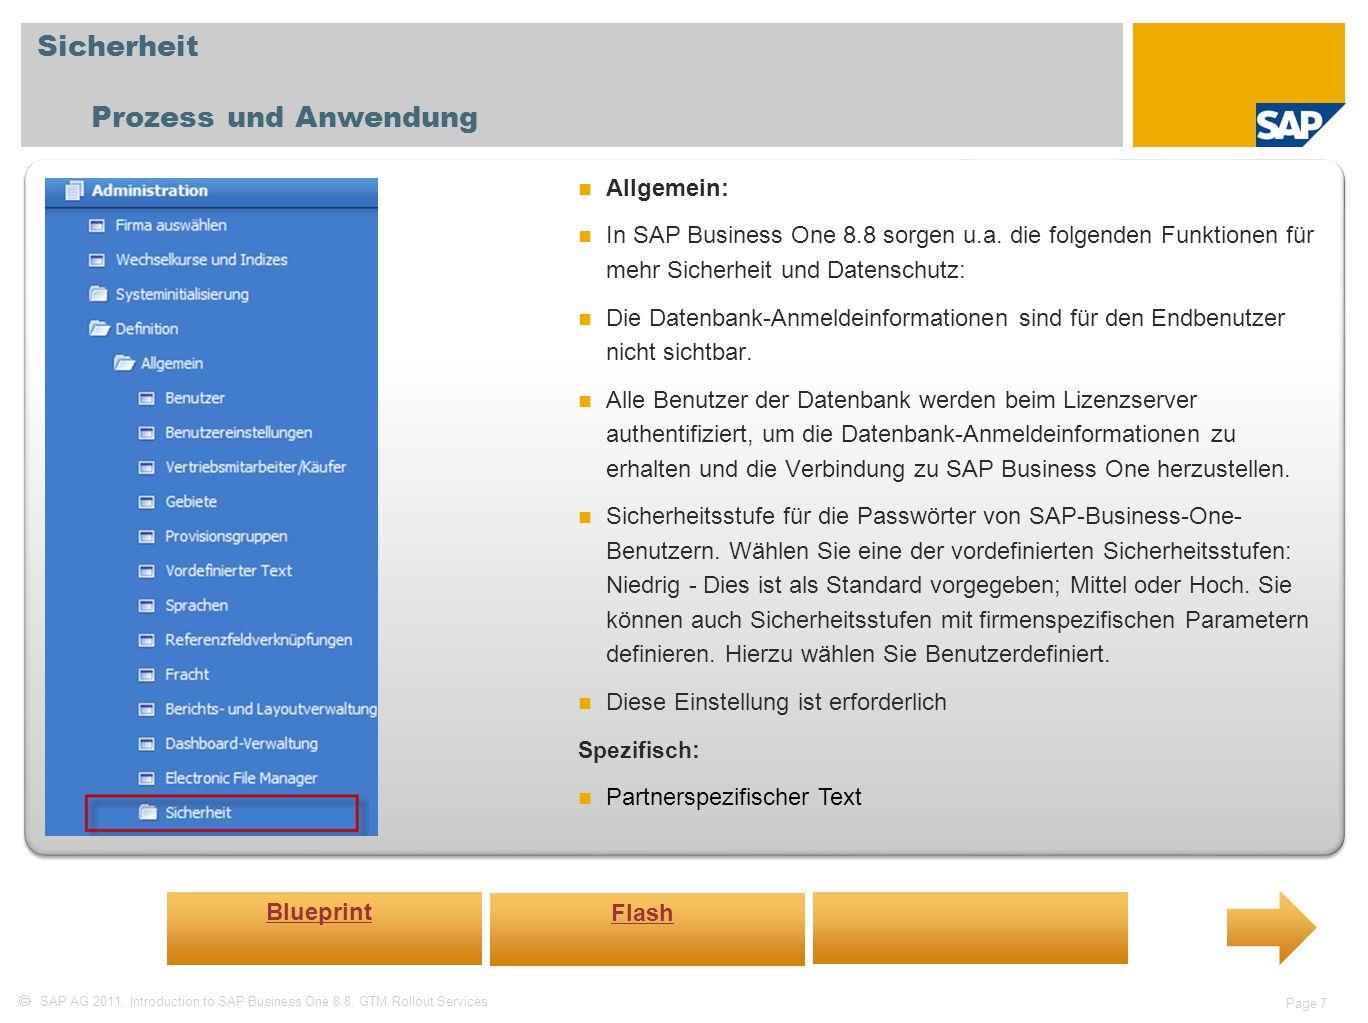 SAP AG 2011, Introduction to SAP Business One 8.8, GTM Rollout Services Page 8 Berechtigungen Prozess und Anwendung Allgemein: Berechtigungen ermöglichen es Benutzern, Belege anzuzeigen, zu erstellen und zu aktualisieren.